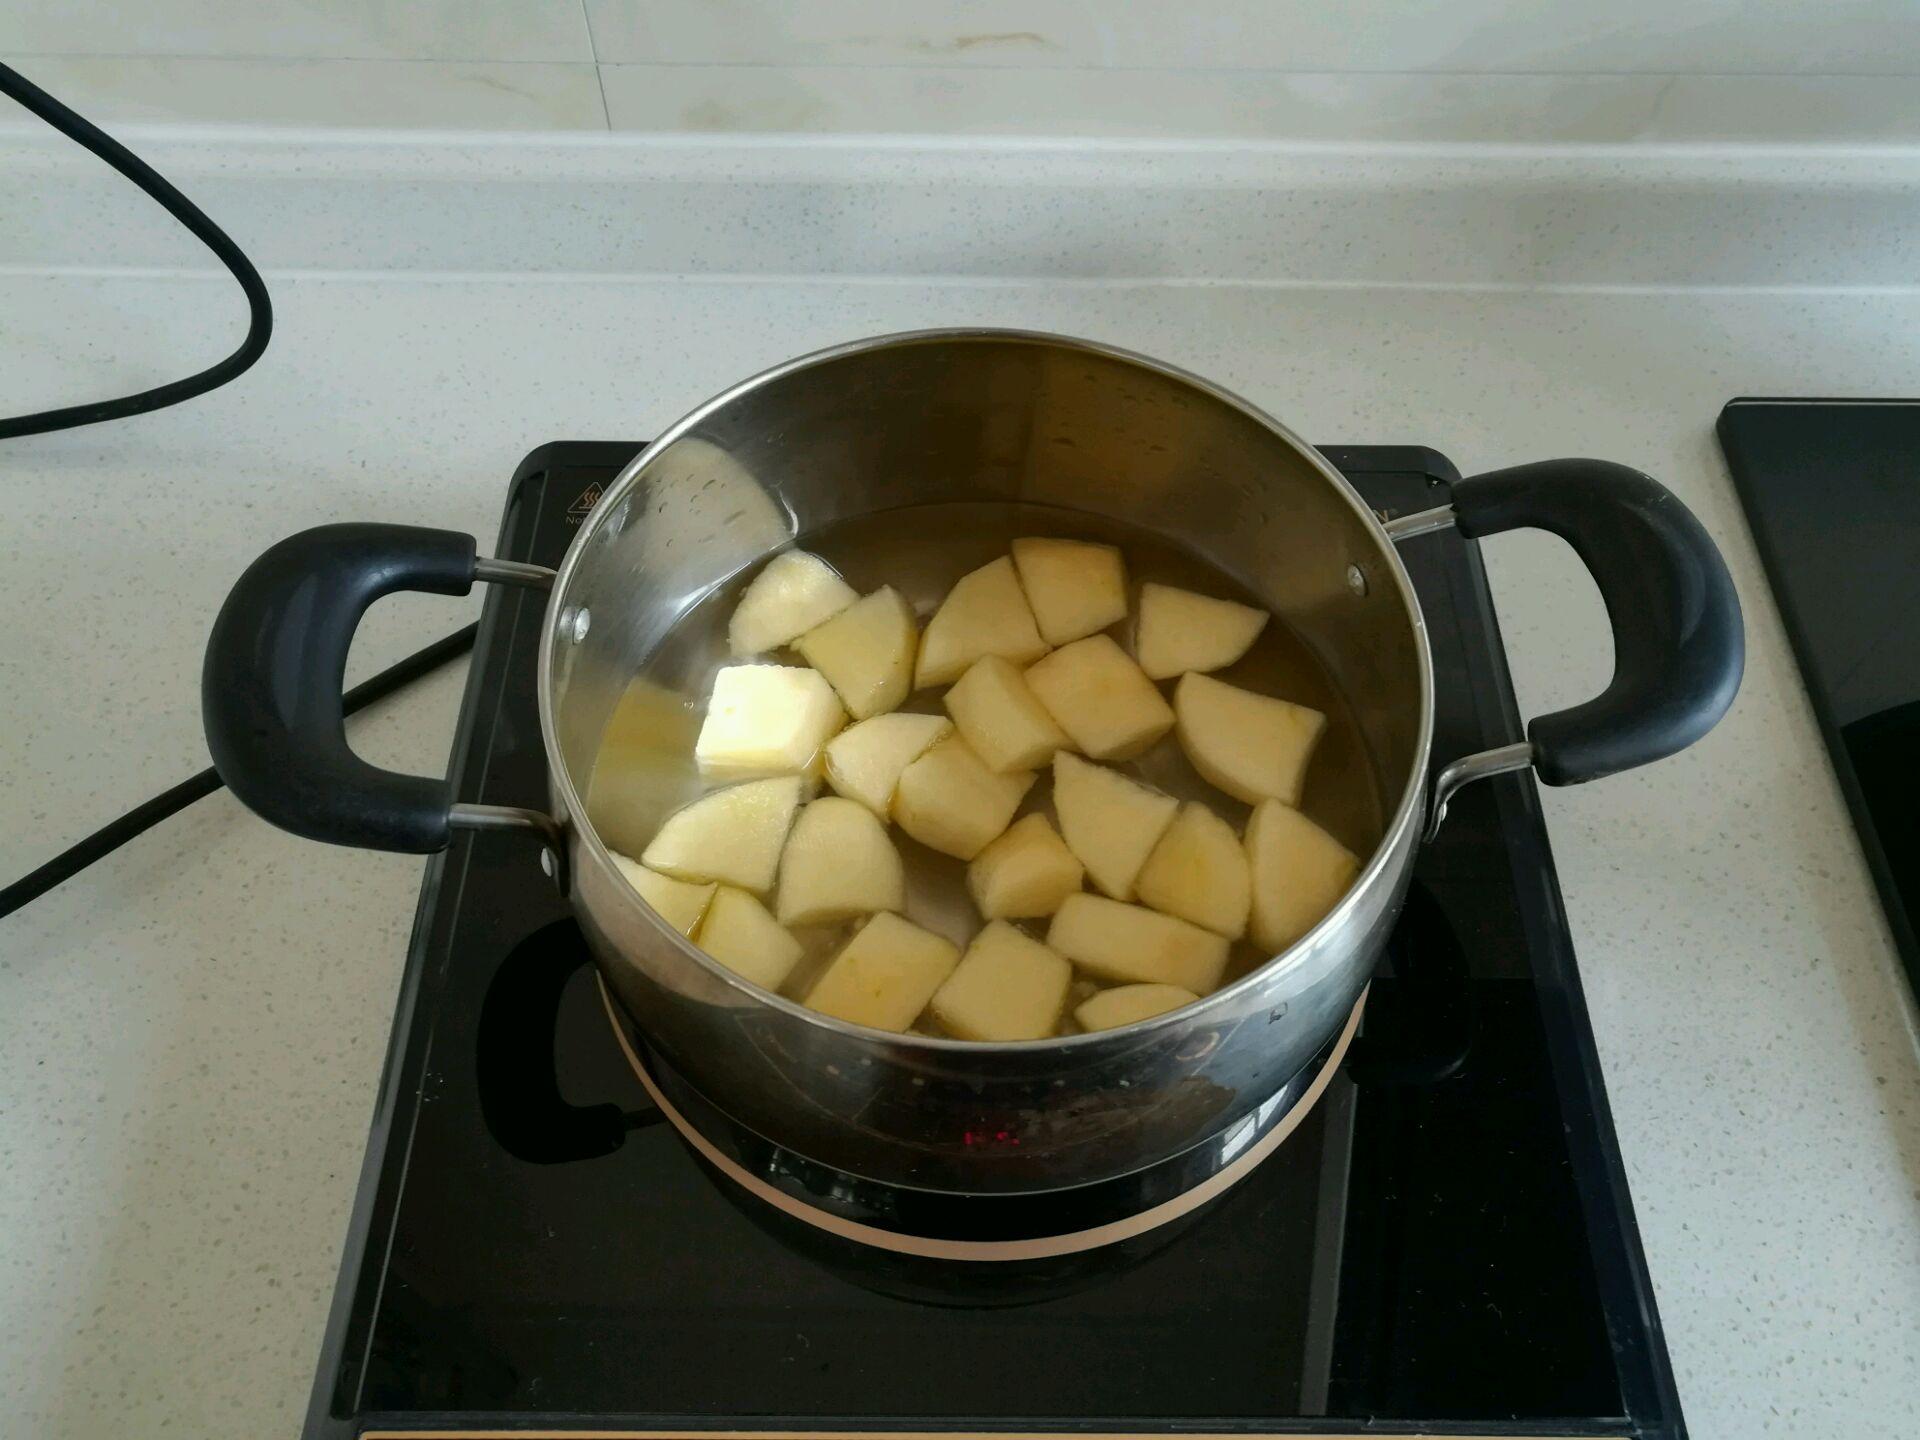 冰糖微波炉_煮苹果的做法_菜谱_豆果美食